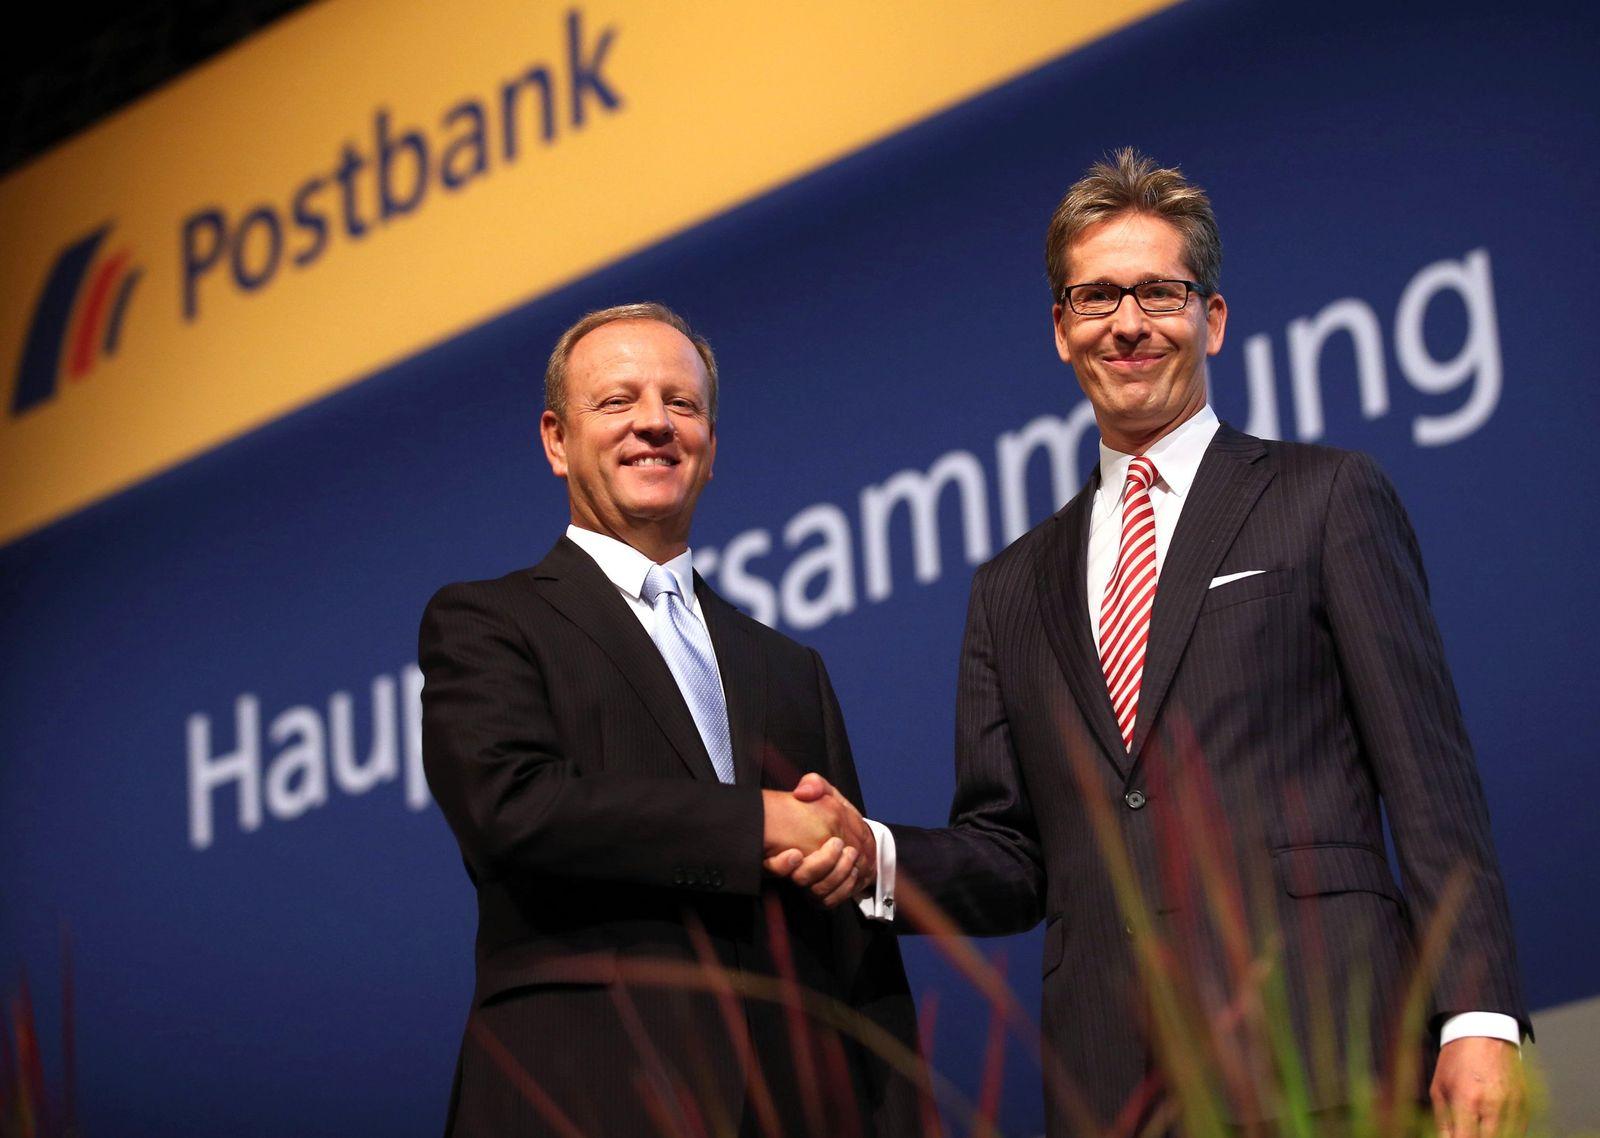 Hauptversammlung der Postbank